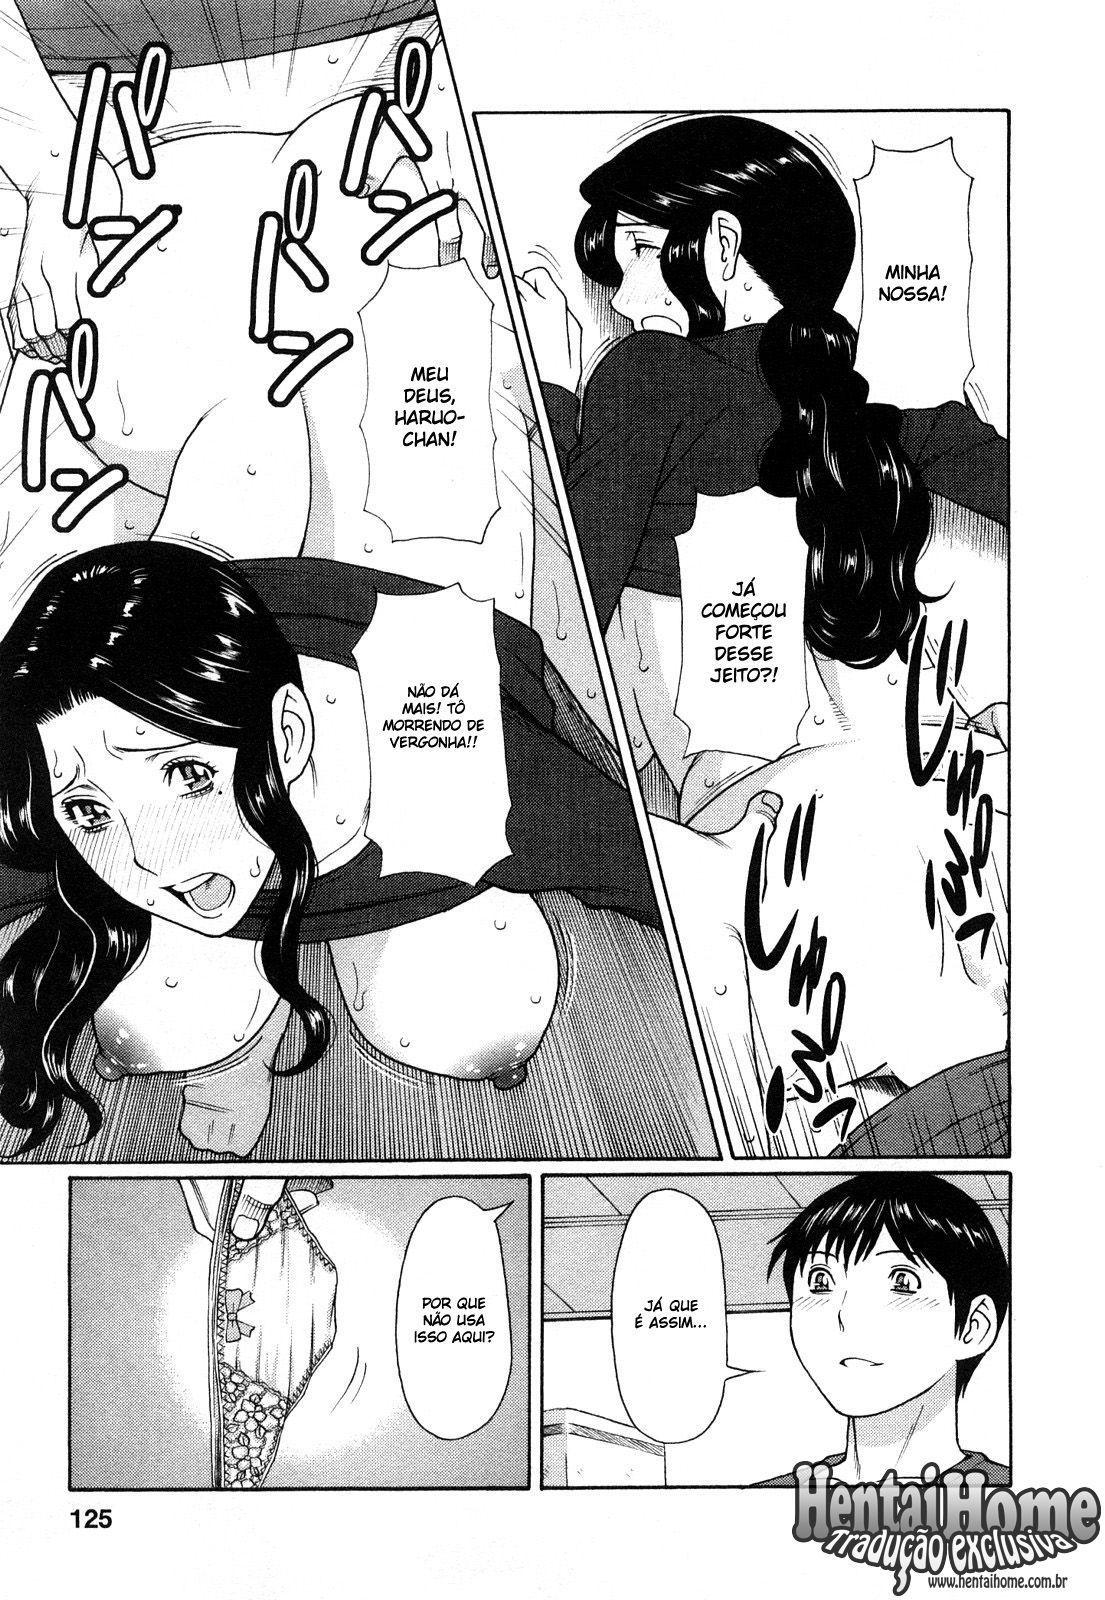 hentaihome.net-7-9